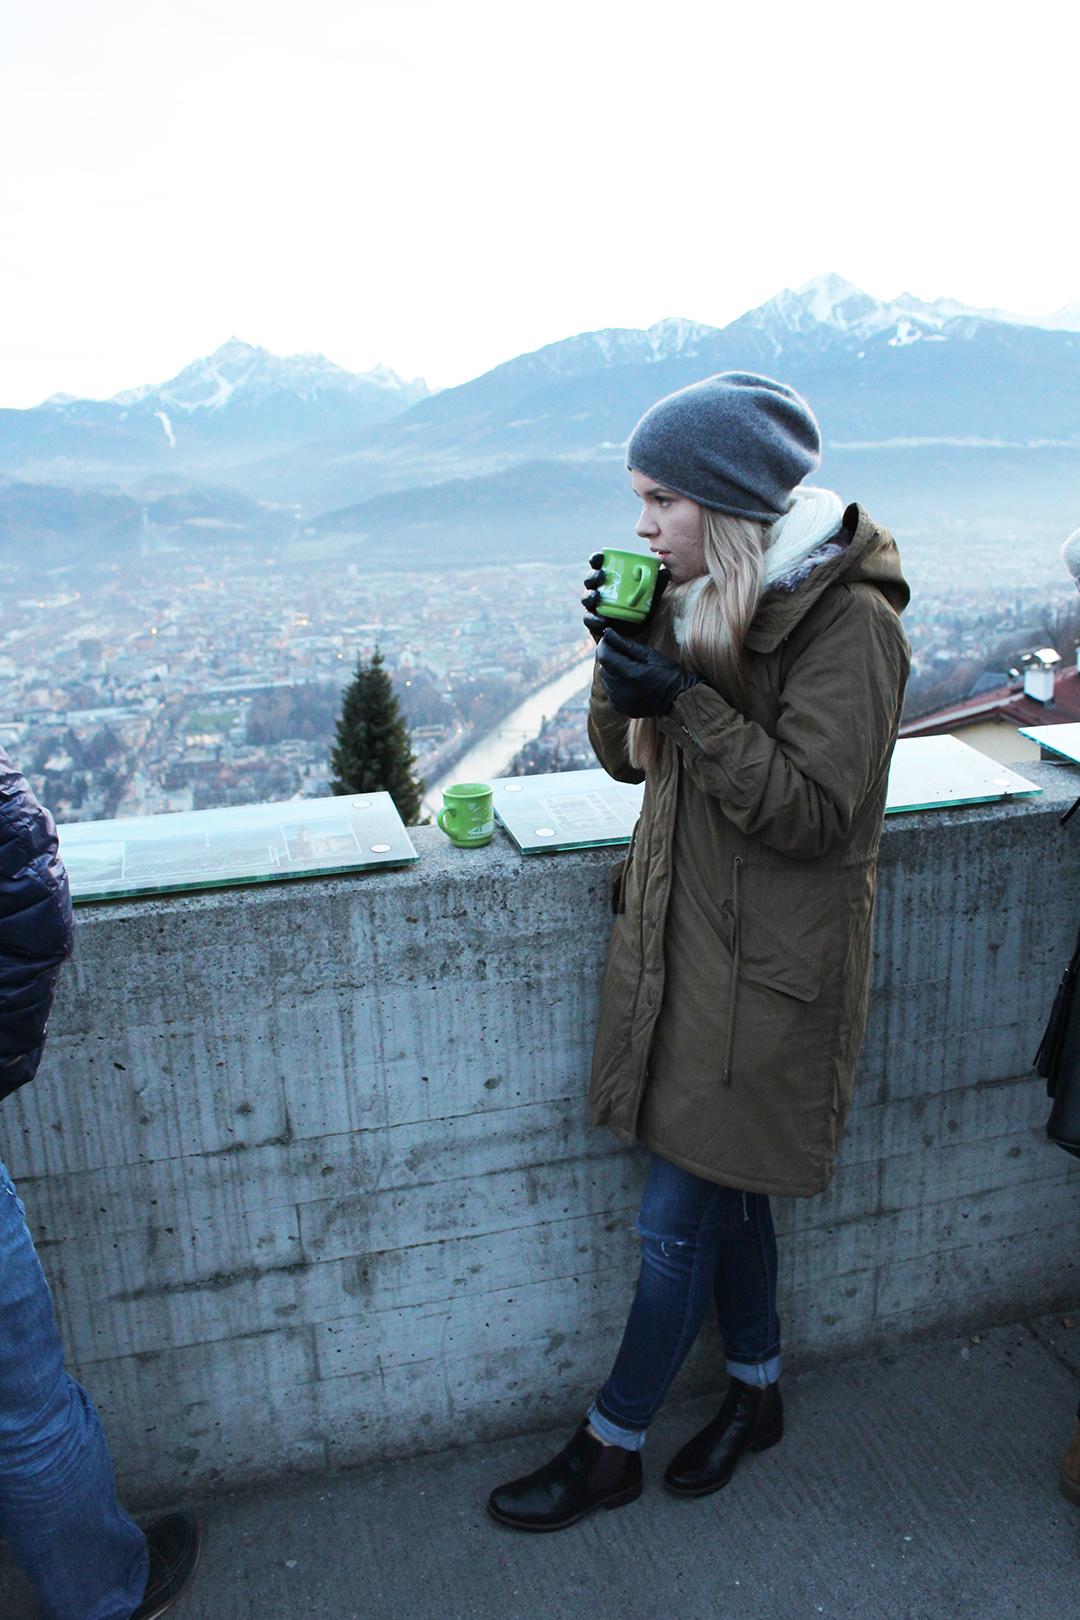 Am Christkindlmarkt in Innsbruck Ausblick auf die Stadt